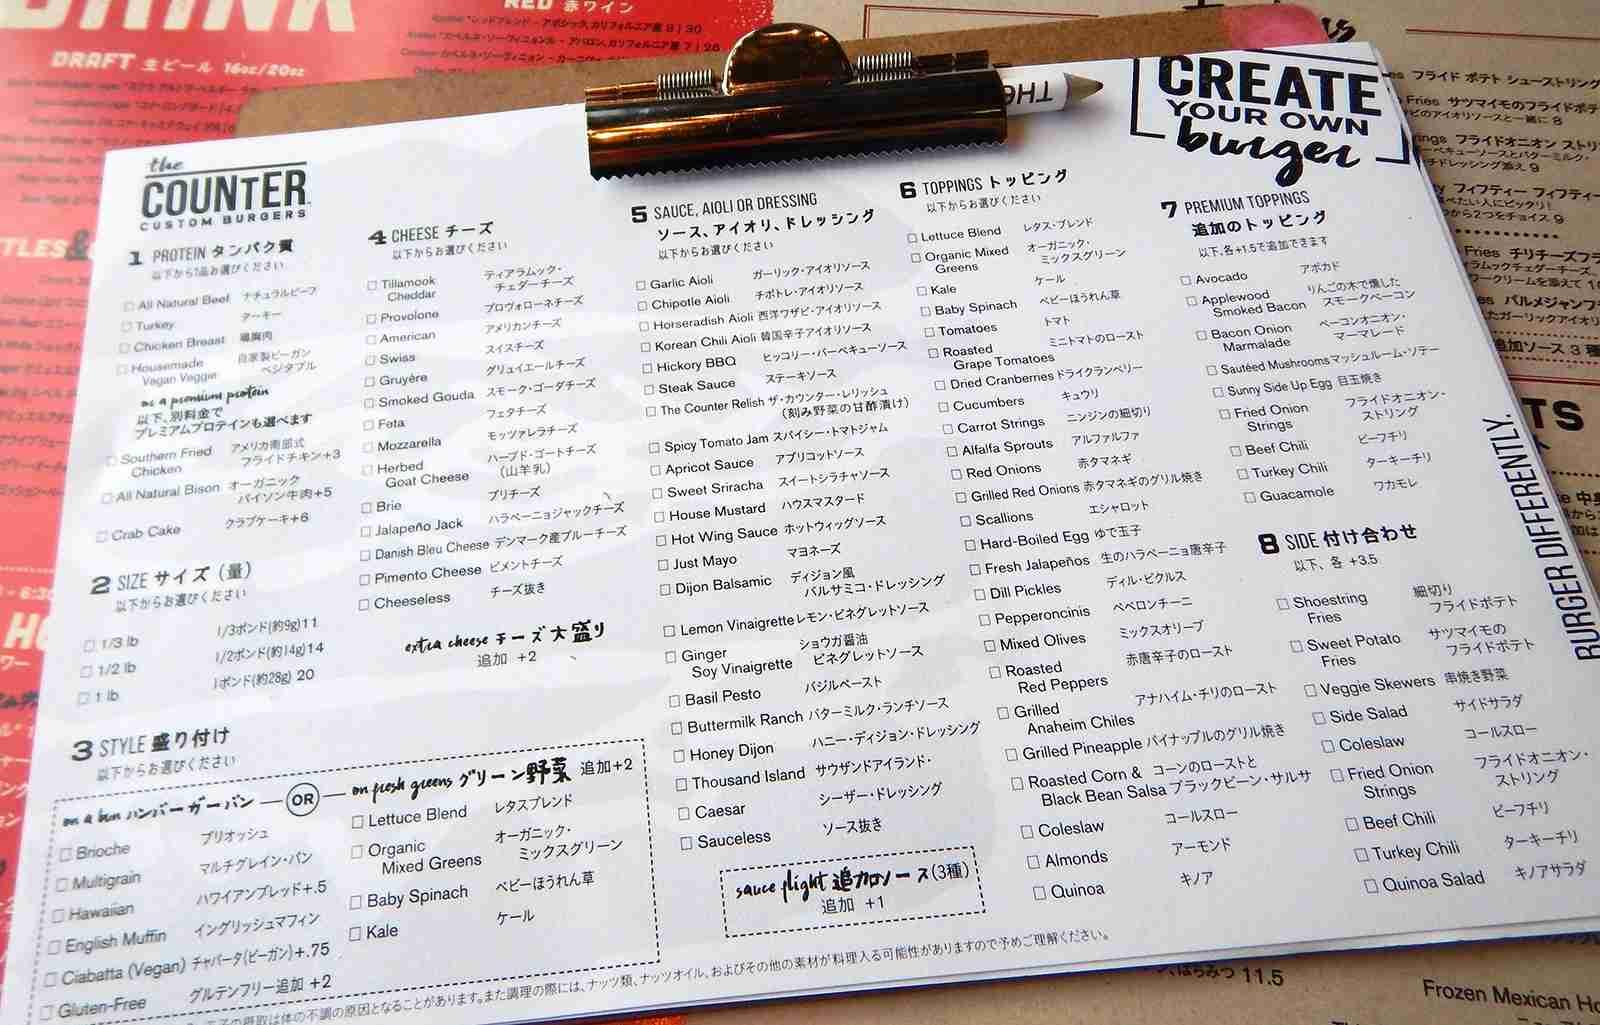 日本初上陸!100万通り以上のカスタマイズを楽しめる、L.A.発のバーガー店